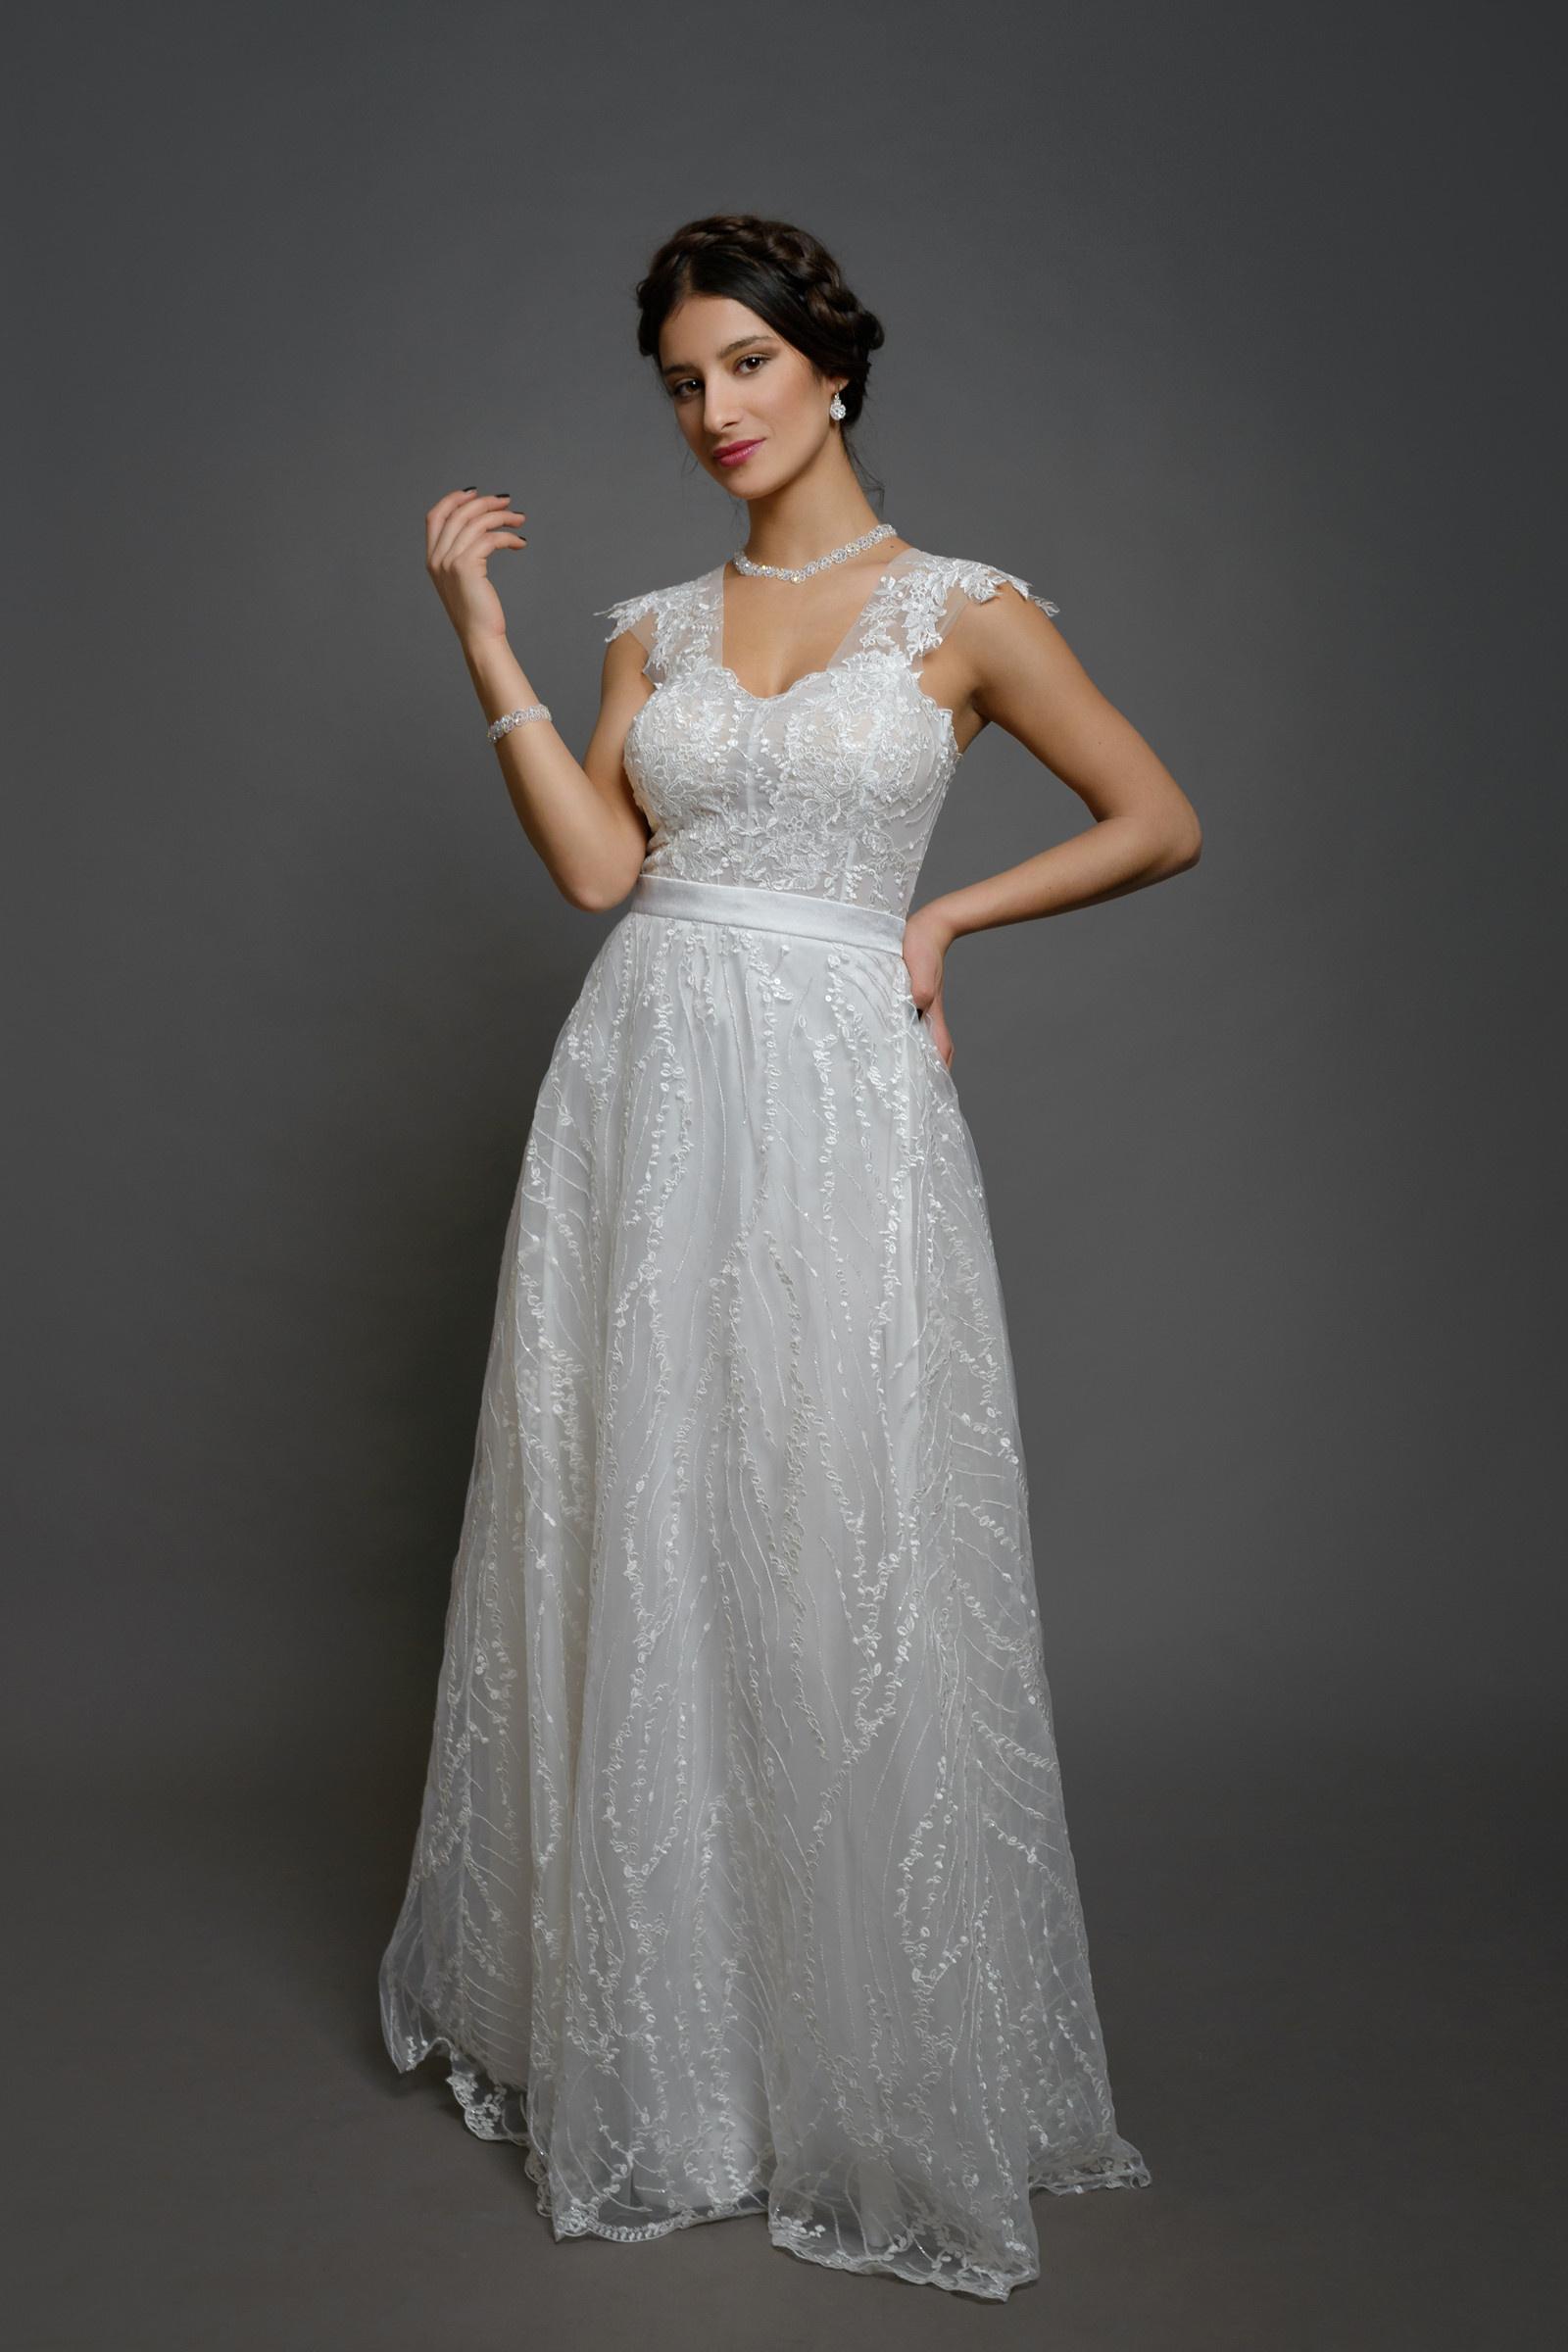 823fa4ae3ebf Svatební šaty se srdečním korzetem a bohatou tylov   Zboží prodejce ...